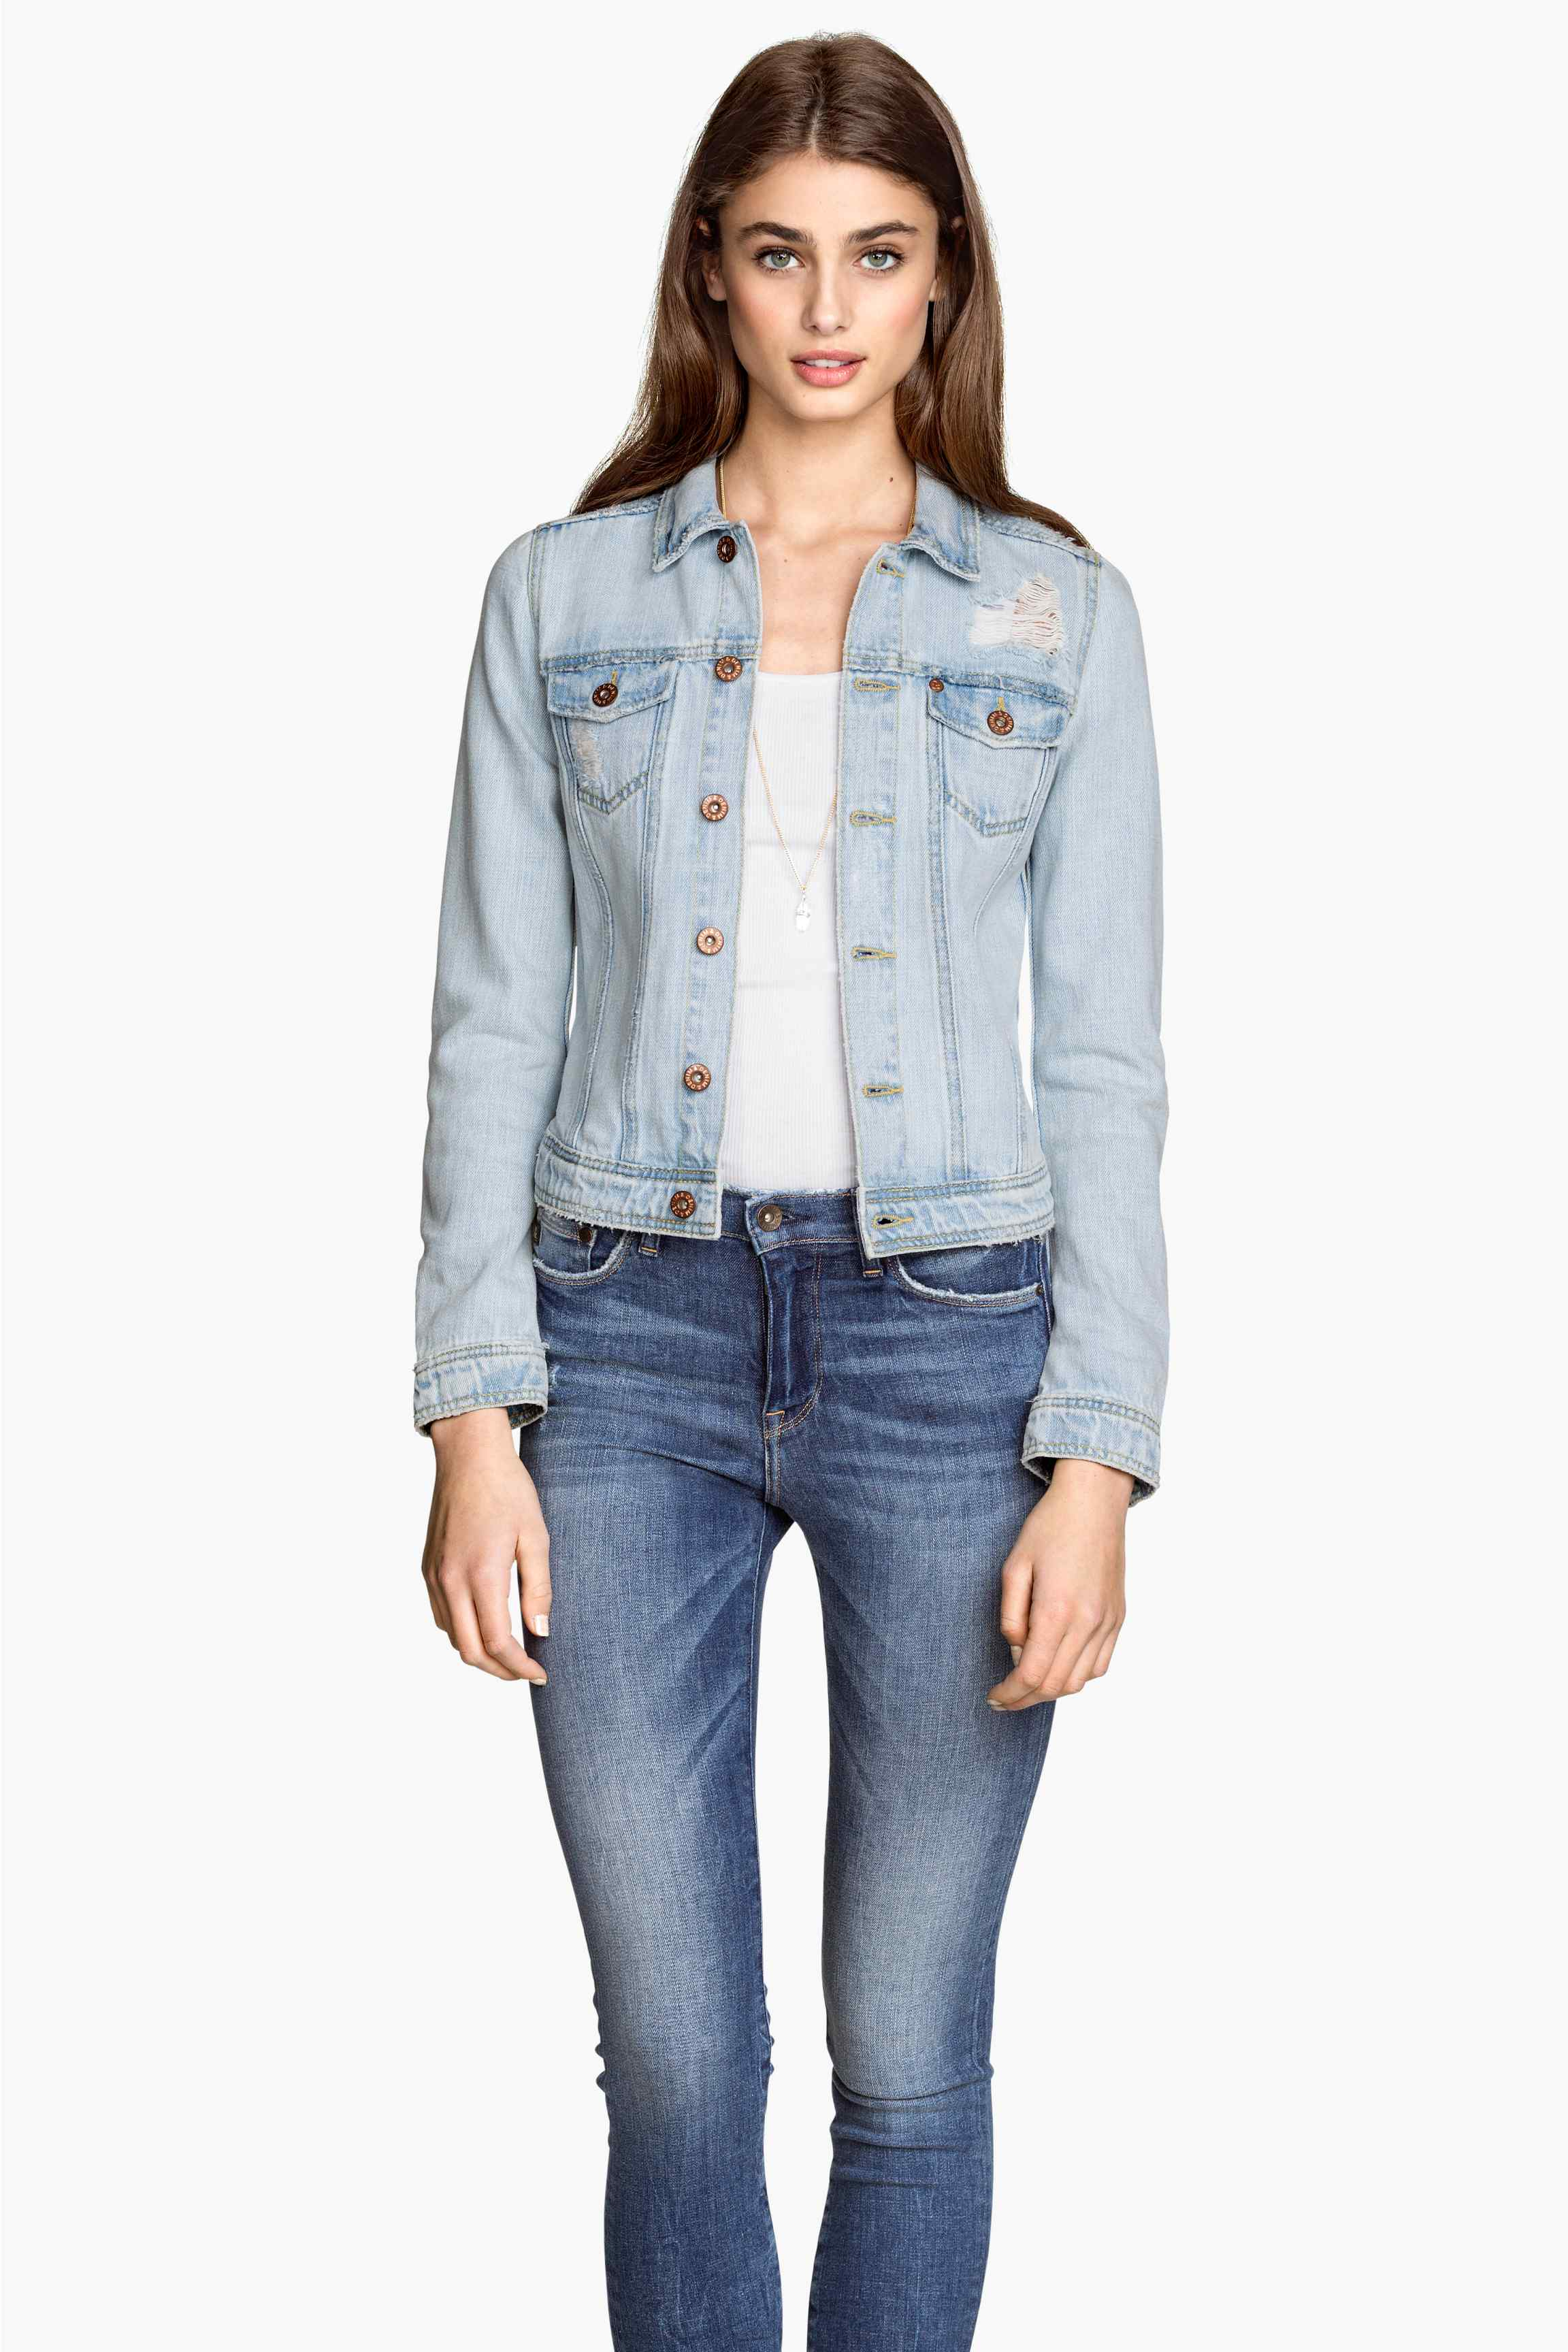 12_Giubotto di jeans H&M, in denim lavato con dettagli molto consumati. Taschini sul petto con pattina e bottone automatico (29,99 € sullo store online)